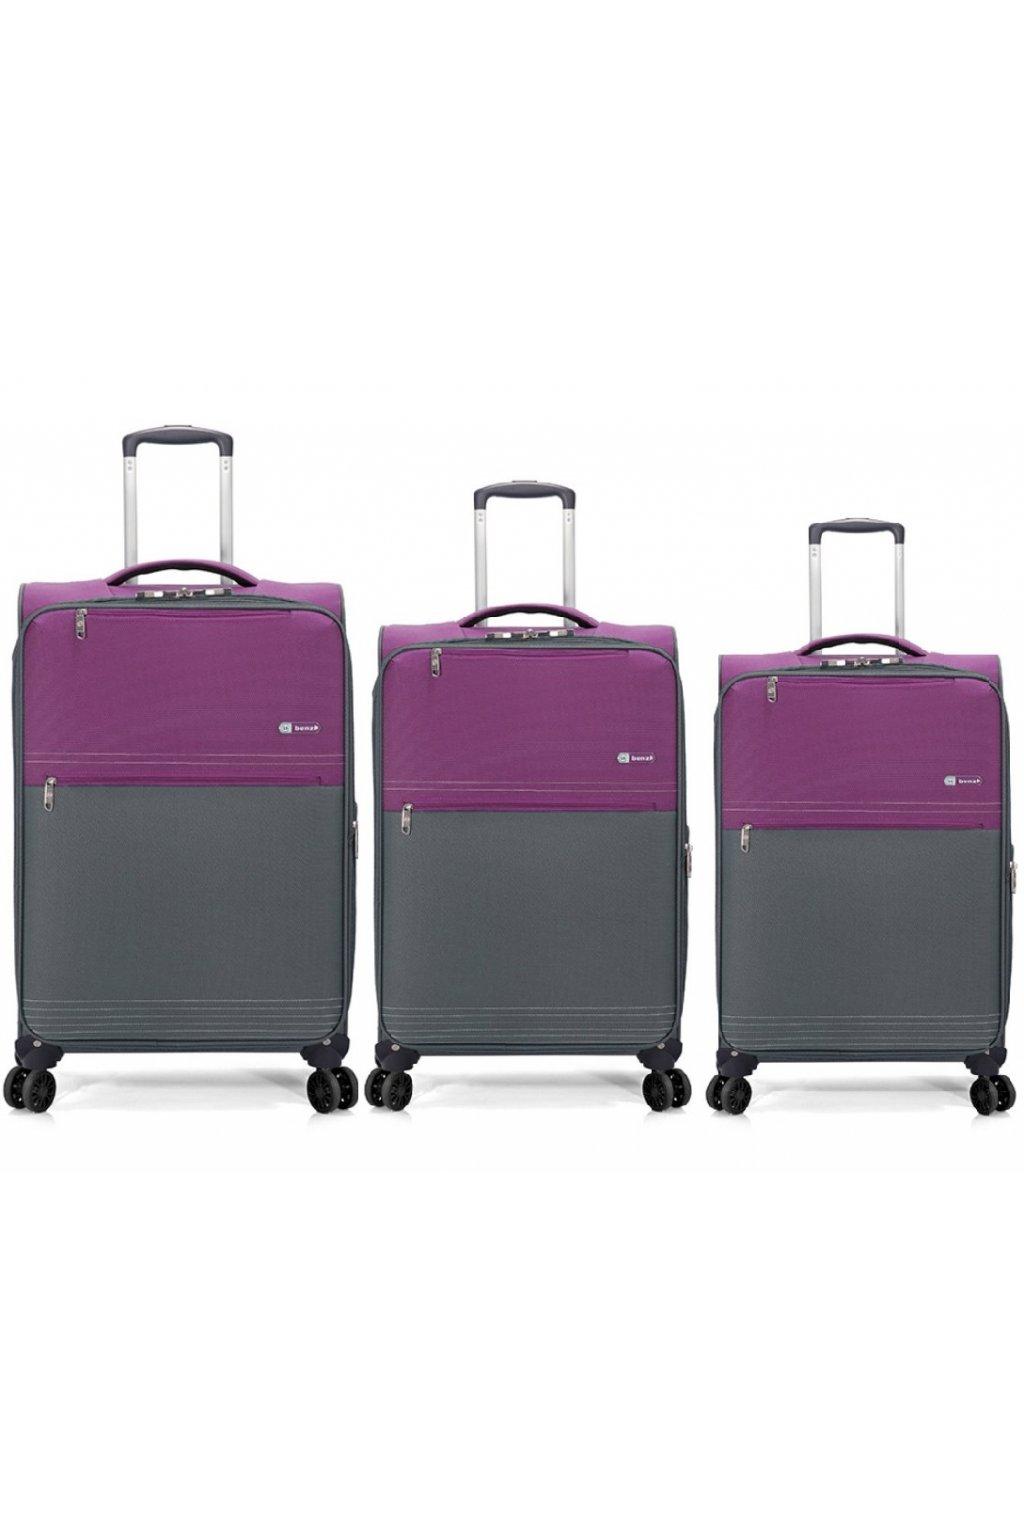 kufrland benzi 5389 purple (1)